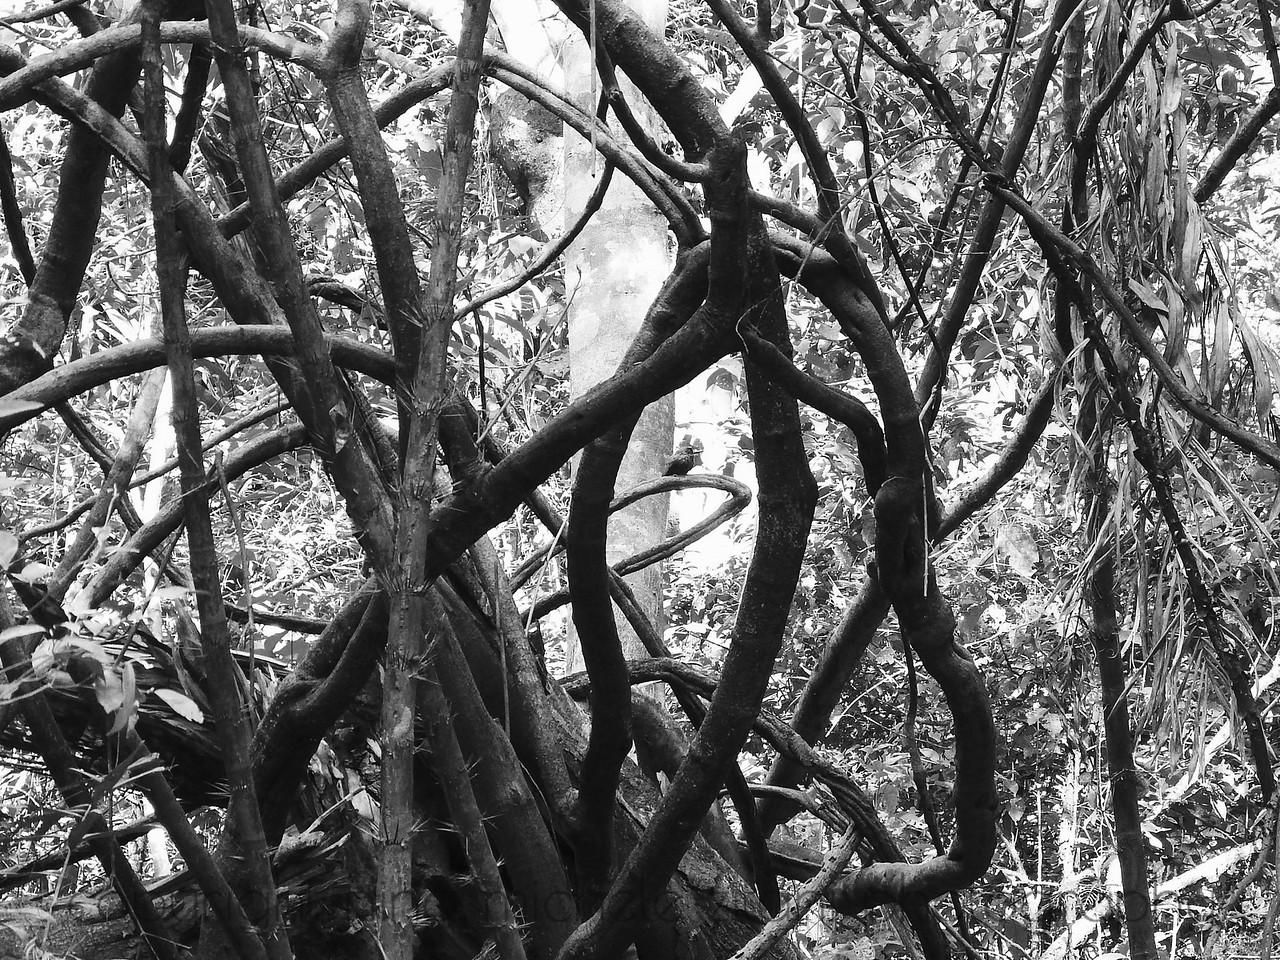 Tangled Vegetation of Seasonally Flooded Forest